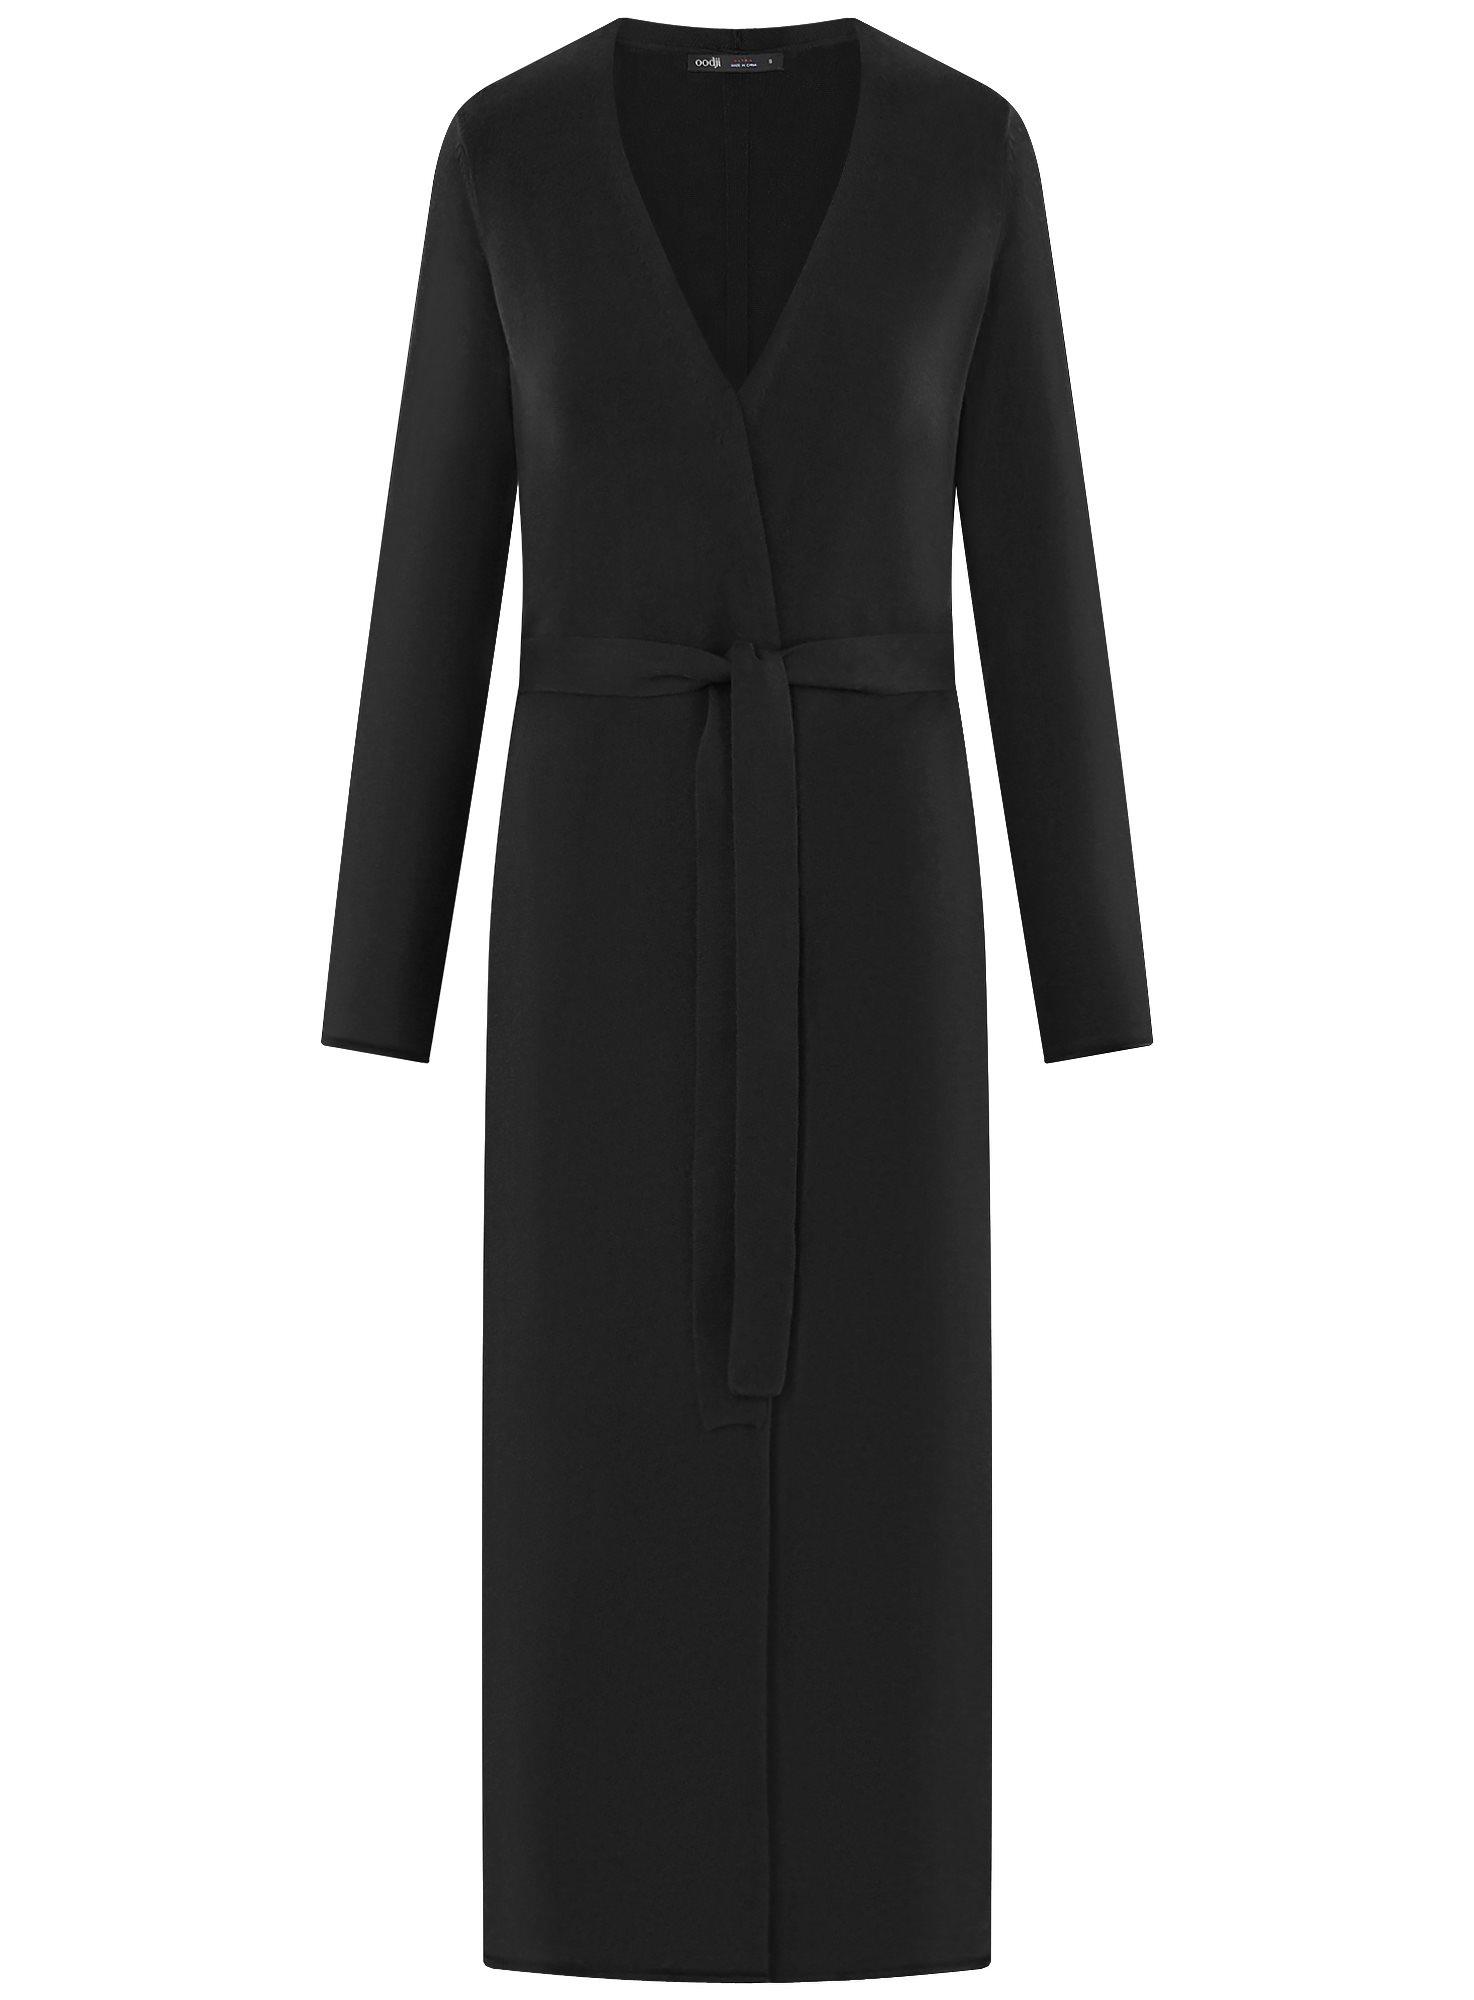 Кардиган удлиненный с поясом oodji для женщины (черный), 63212602/18239/2900N